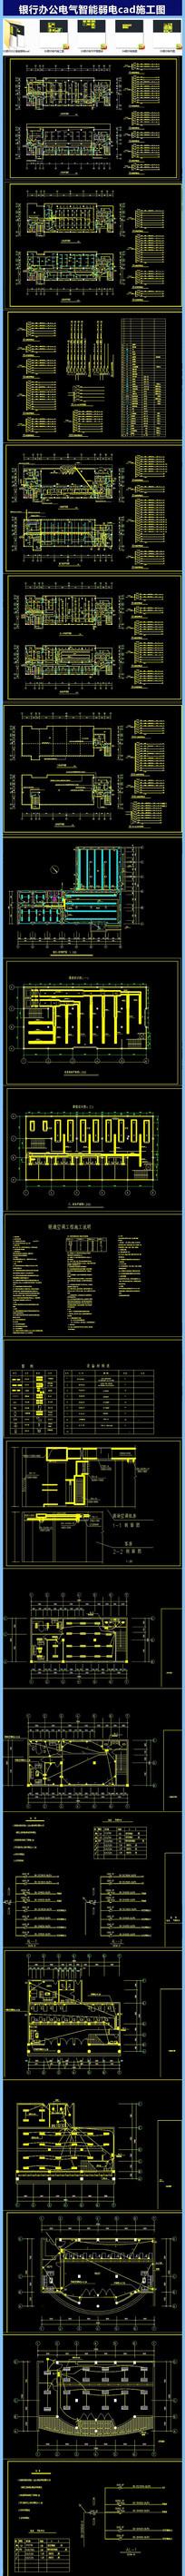 银行办公电气智能弱电cad施工图